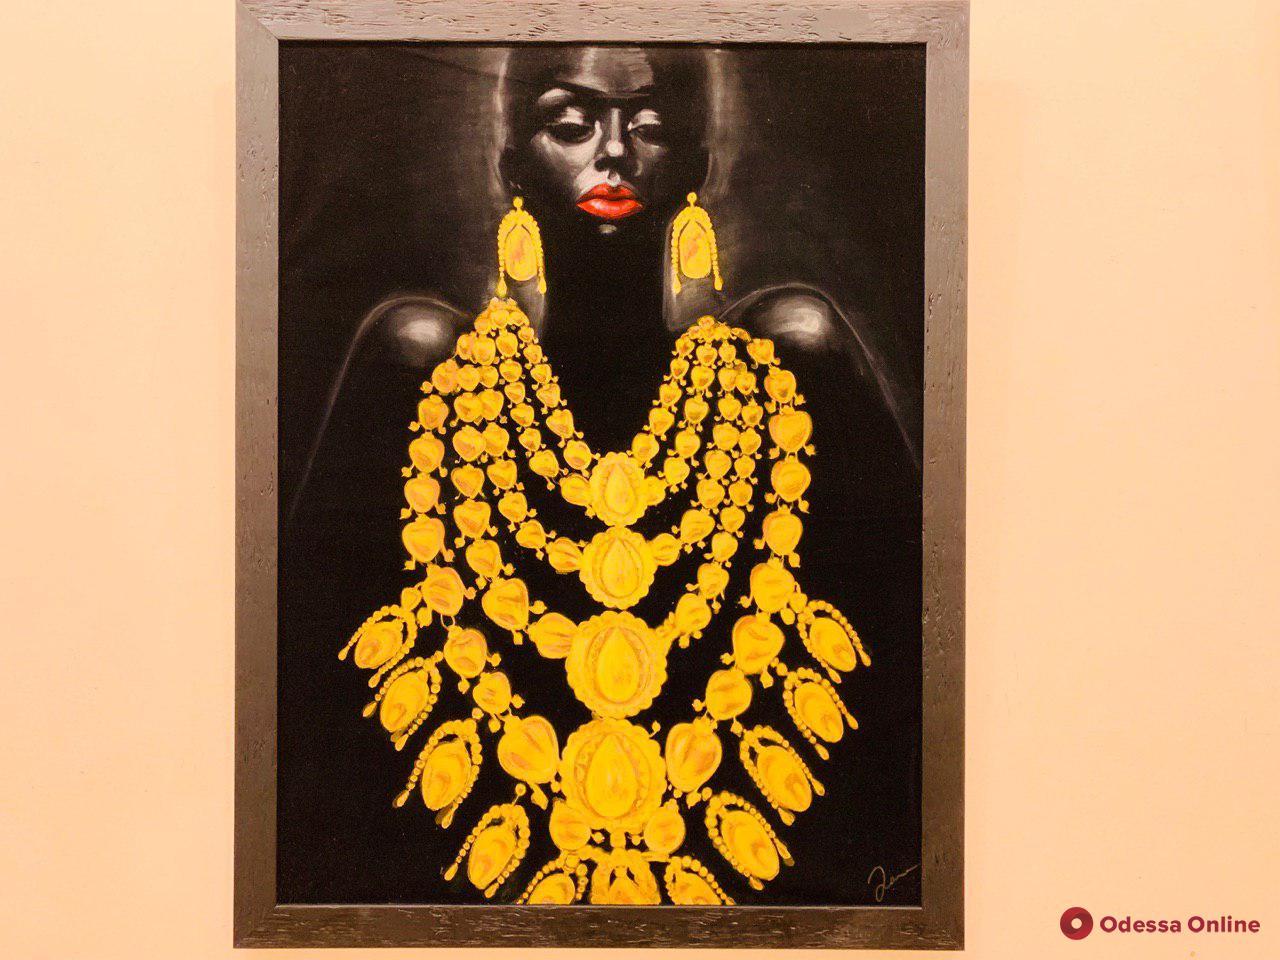 В одесском музее открылась выставка картин на экозамше (фото)